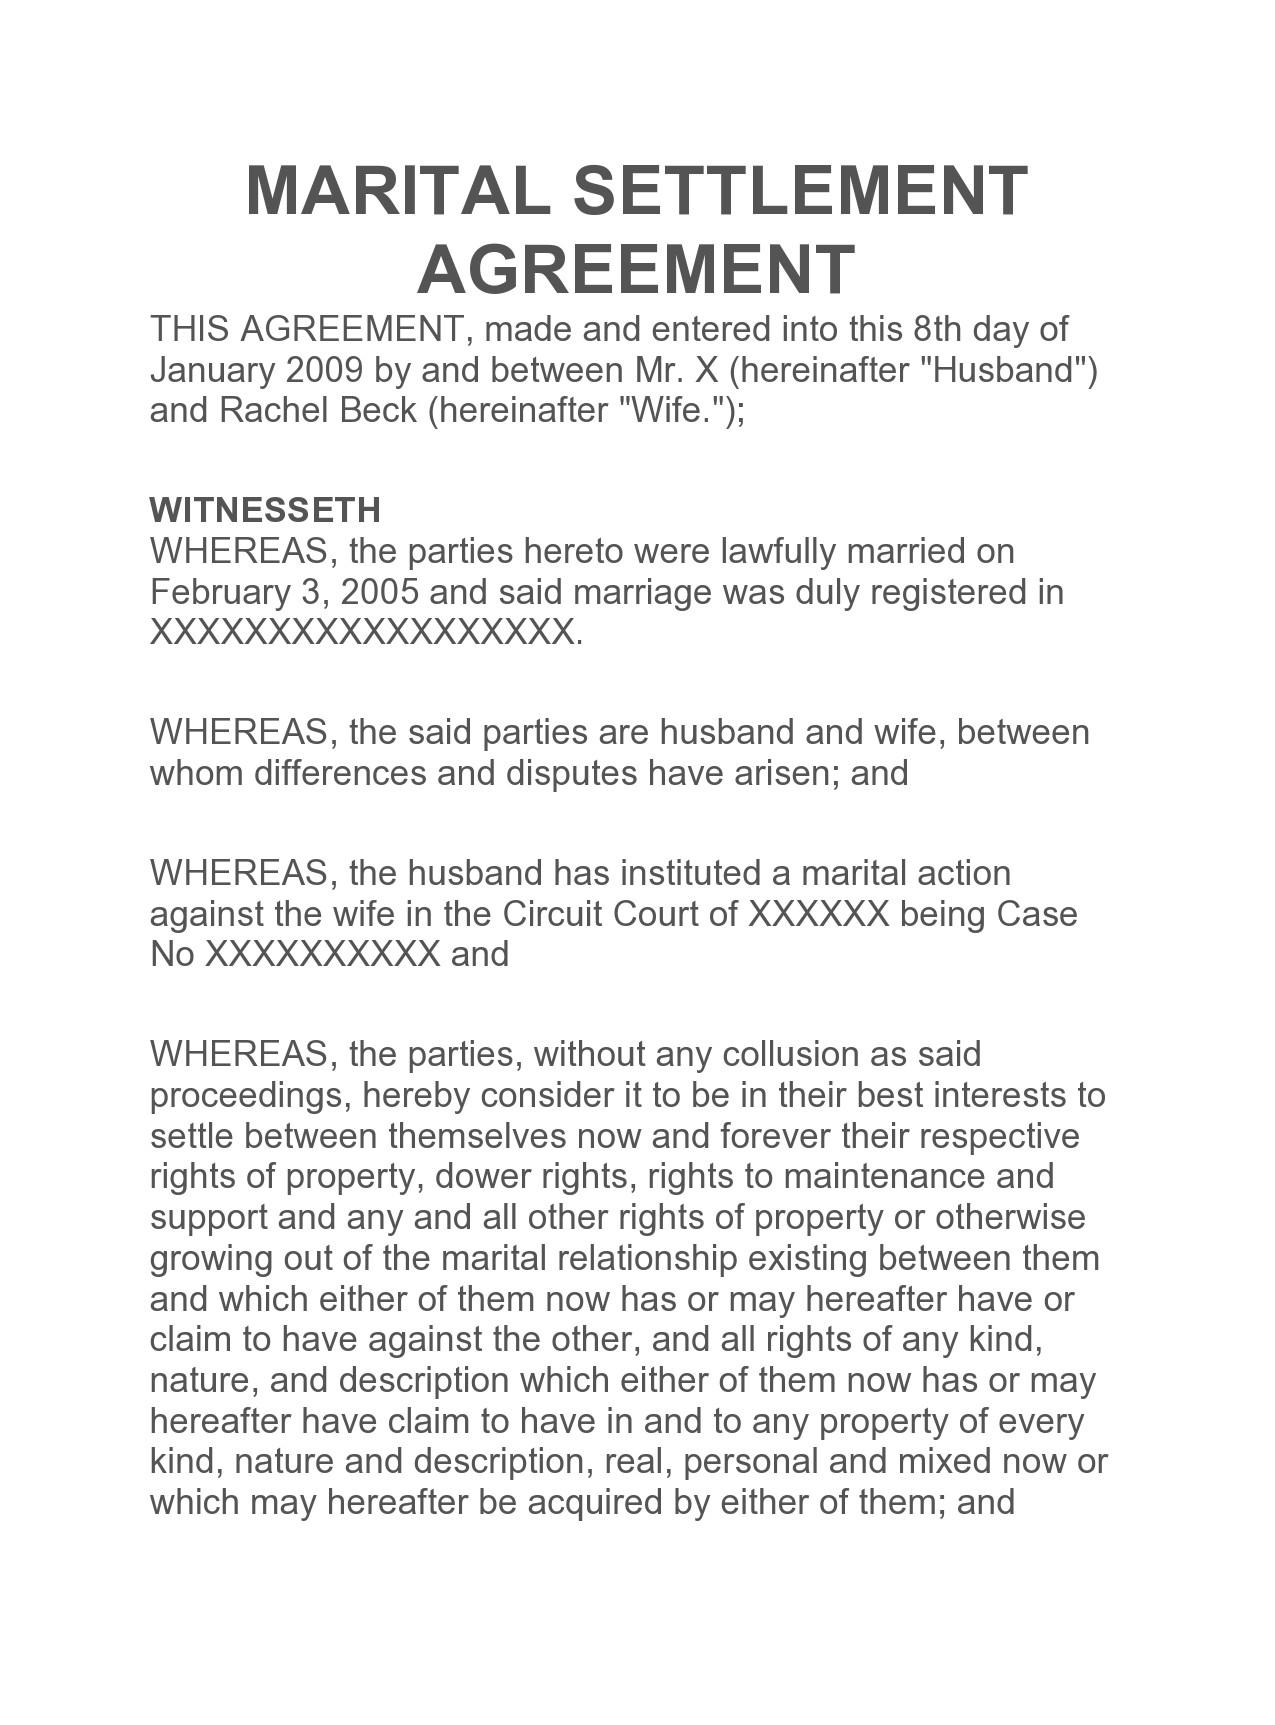 Free marital settlement agreement 36